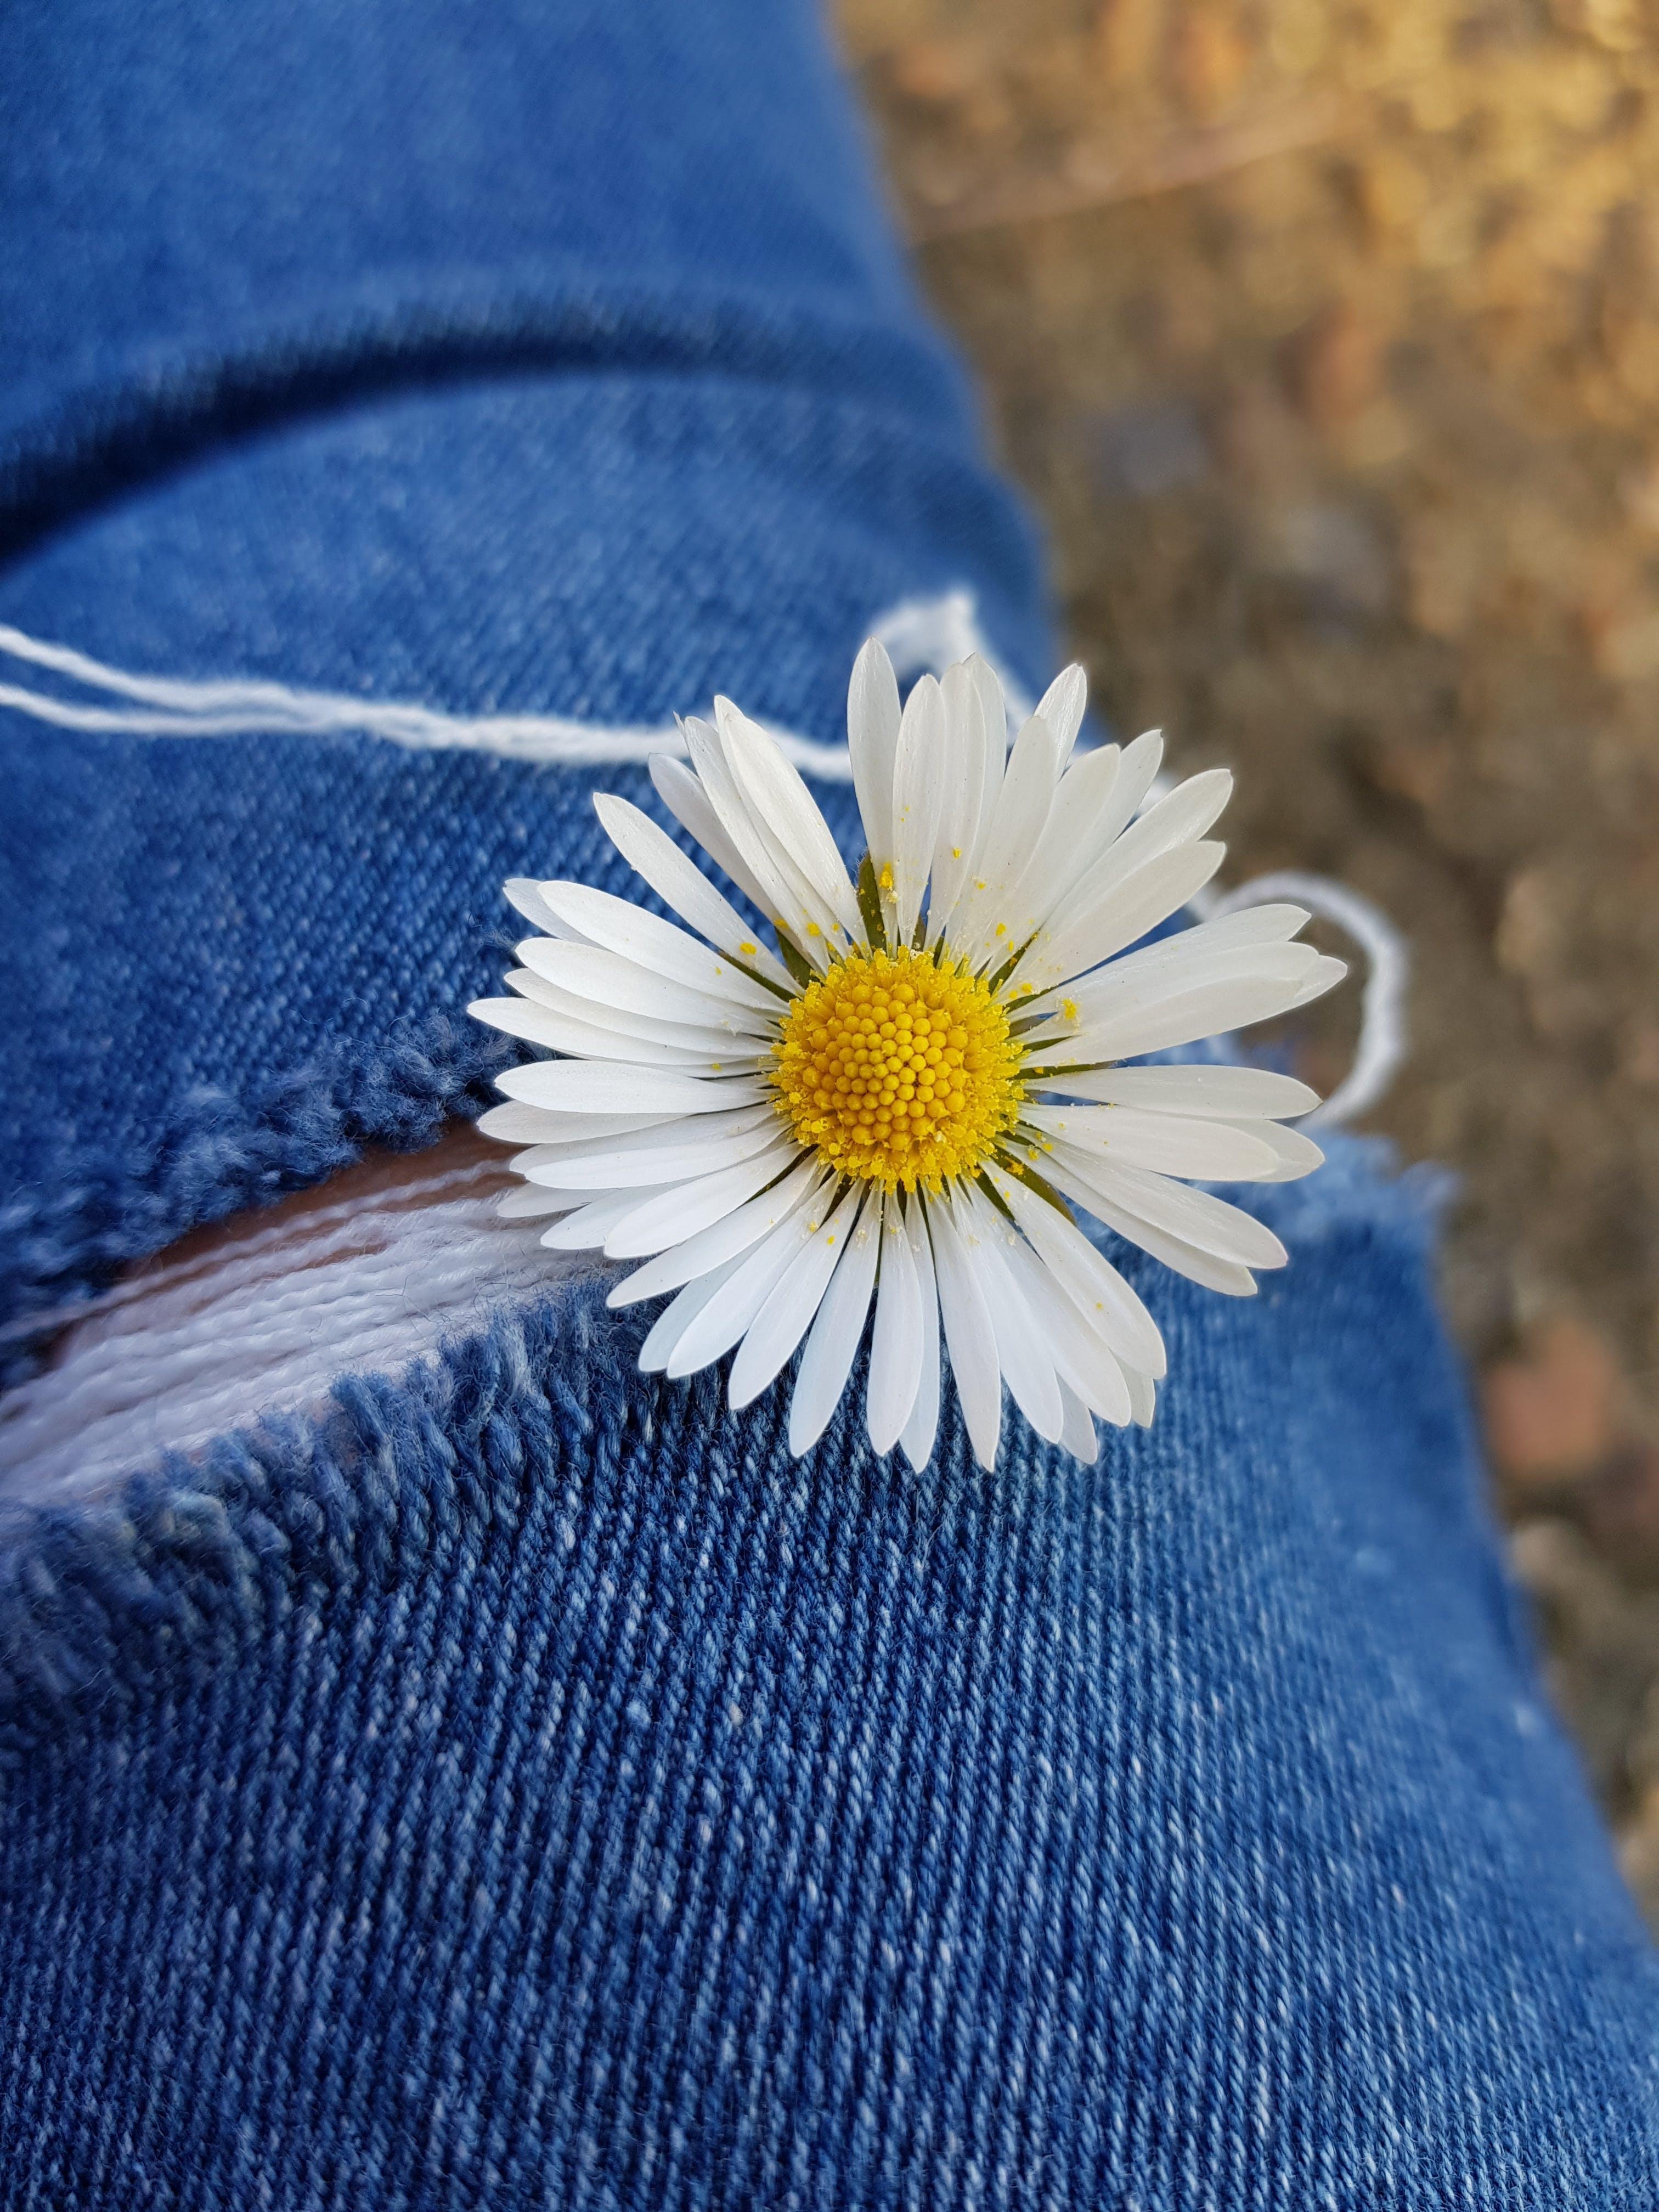 Free stock photo of closeup daisy, daisy, flower